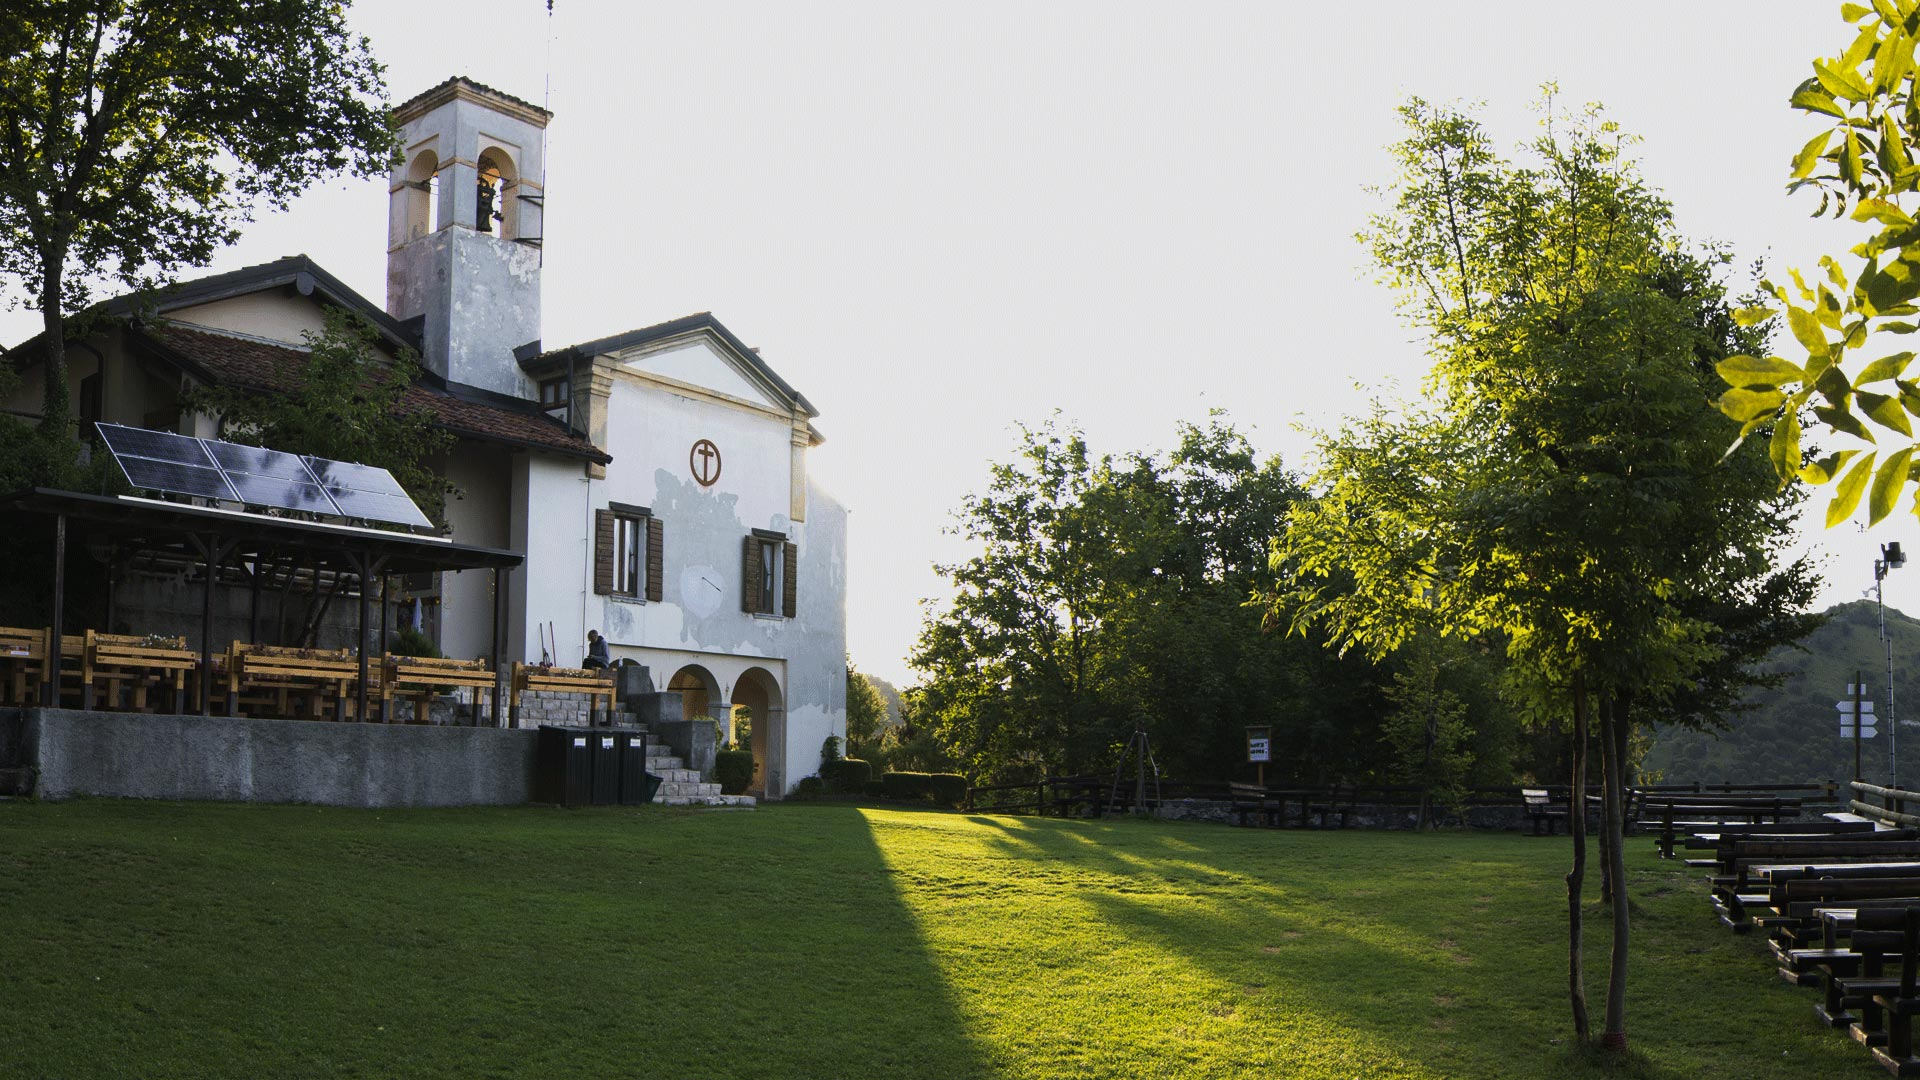 Una lama di luce sul piazzale antistante il santuario di Sant'Emiliano